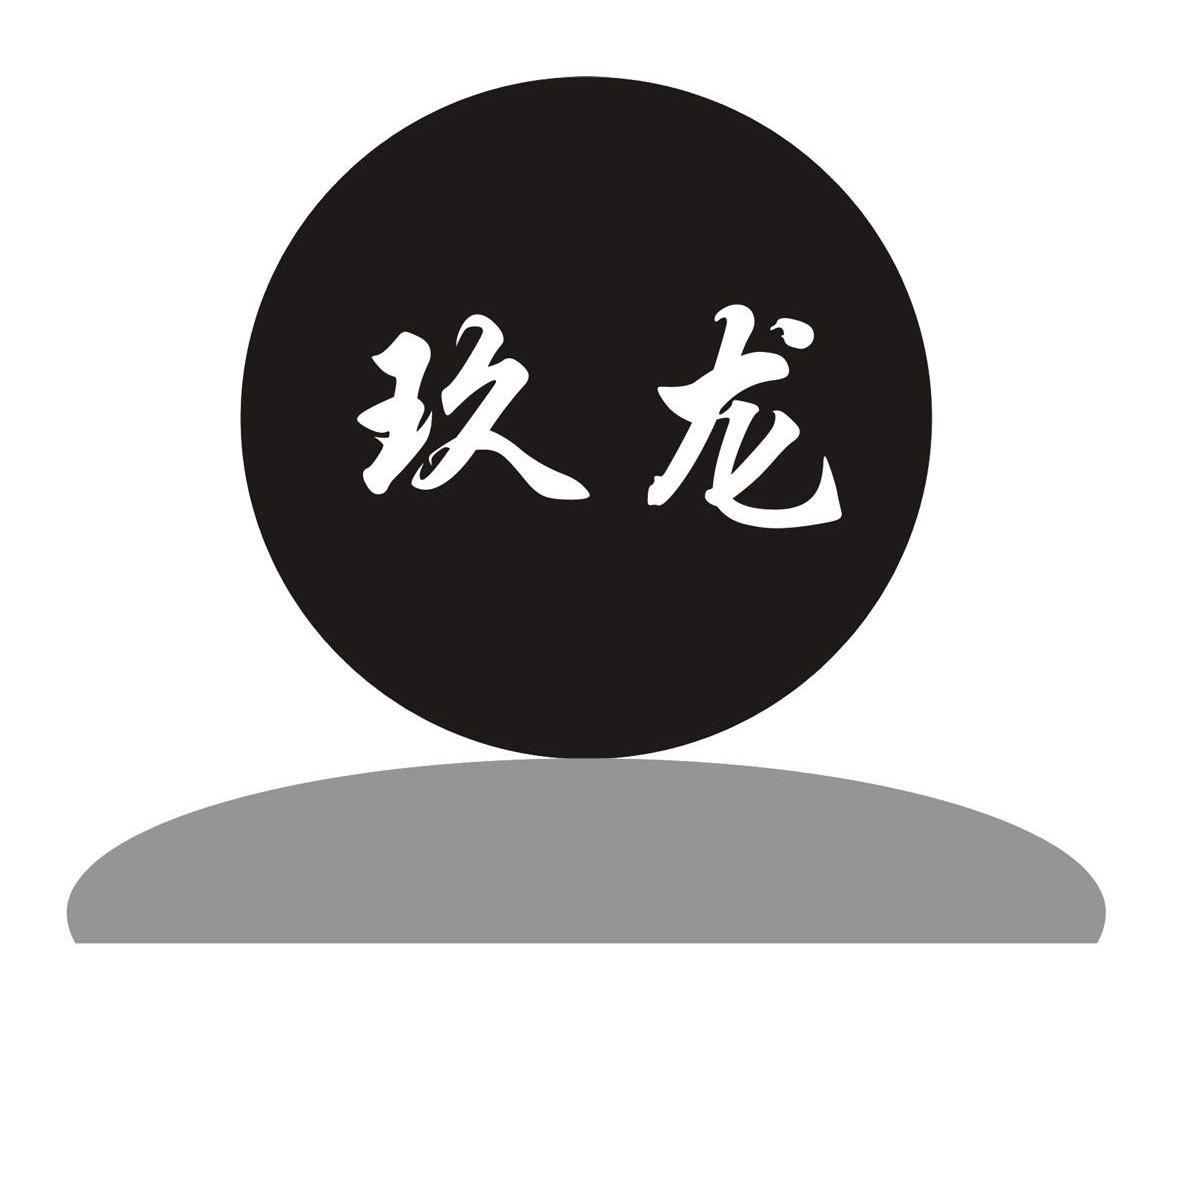 商标文字玖龙商标注册号 10834919、商标申请人东莞玖龙纸业有限公司的商标详情 - 标库网商标查询